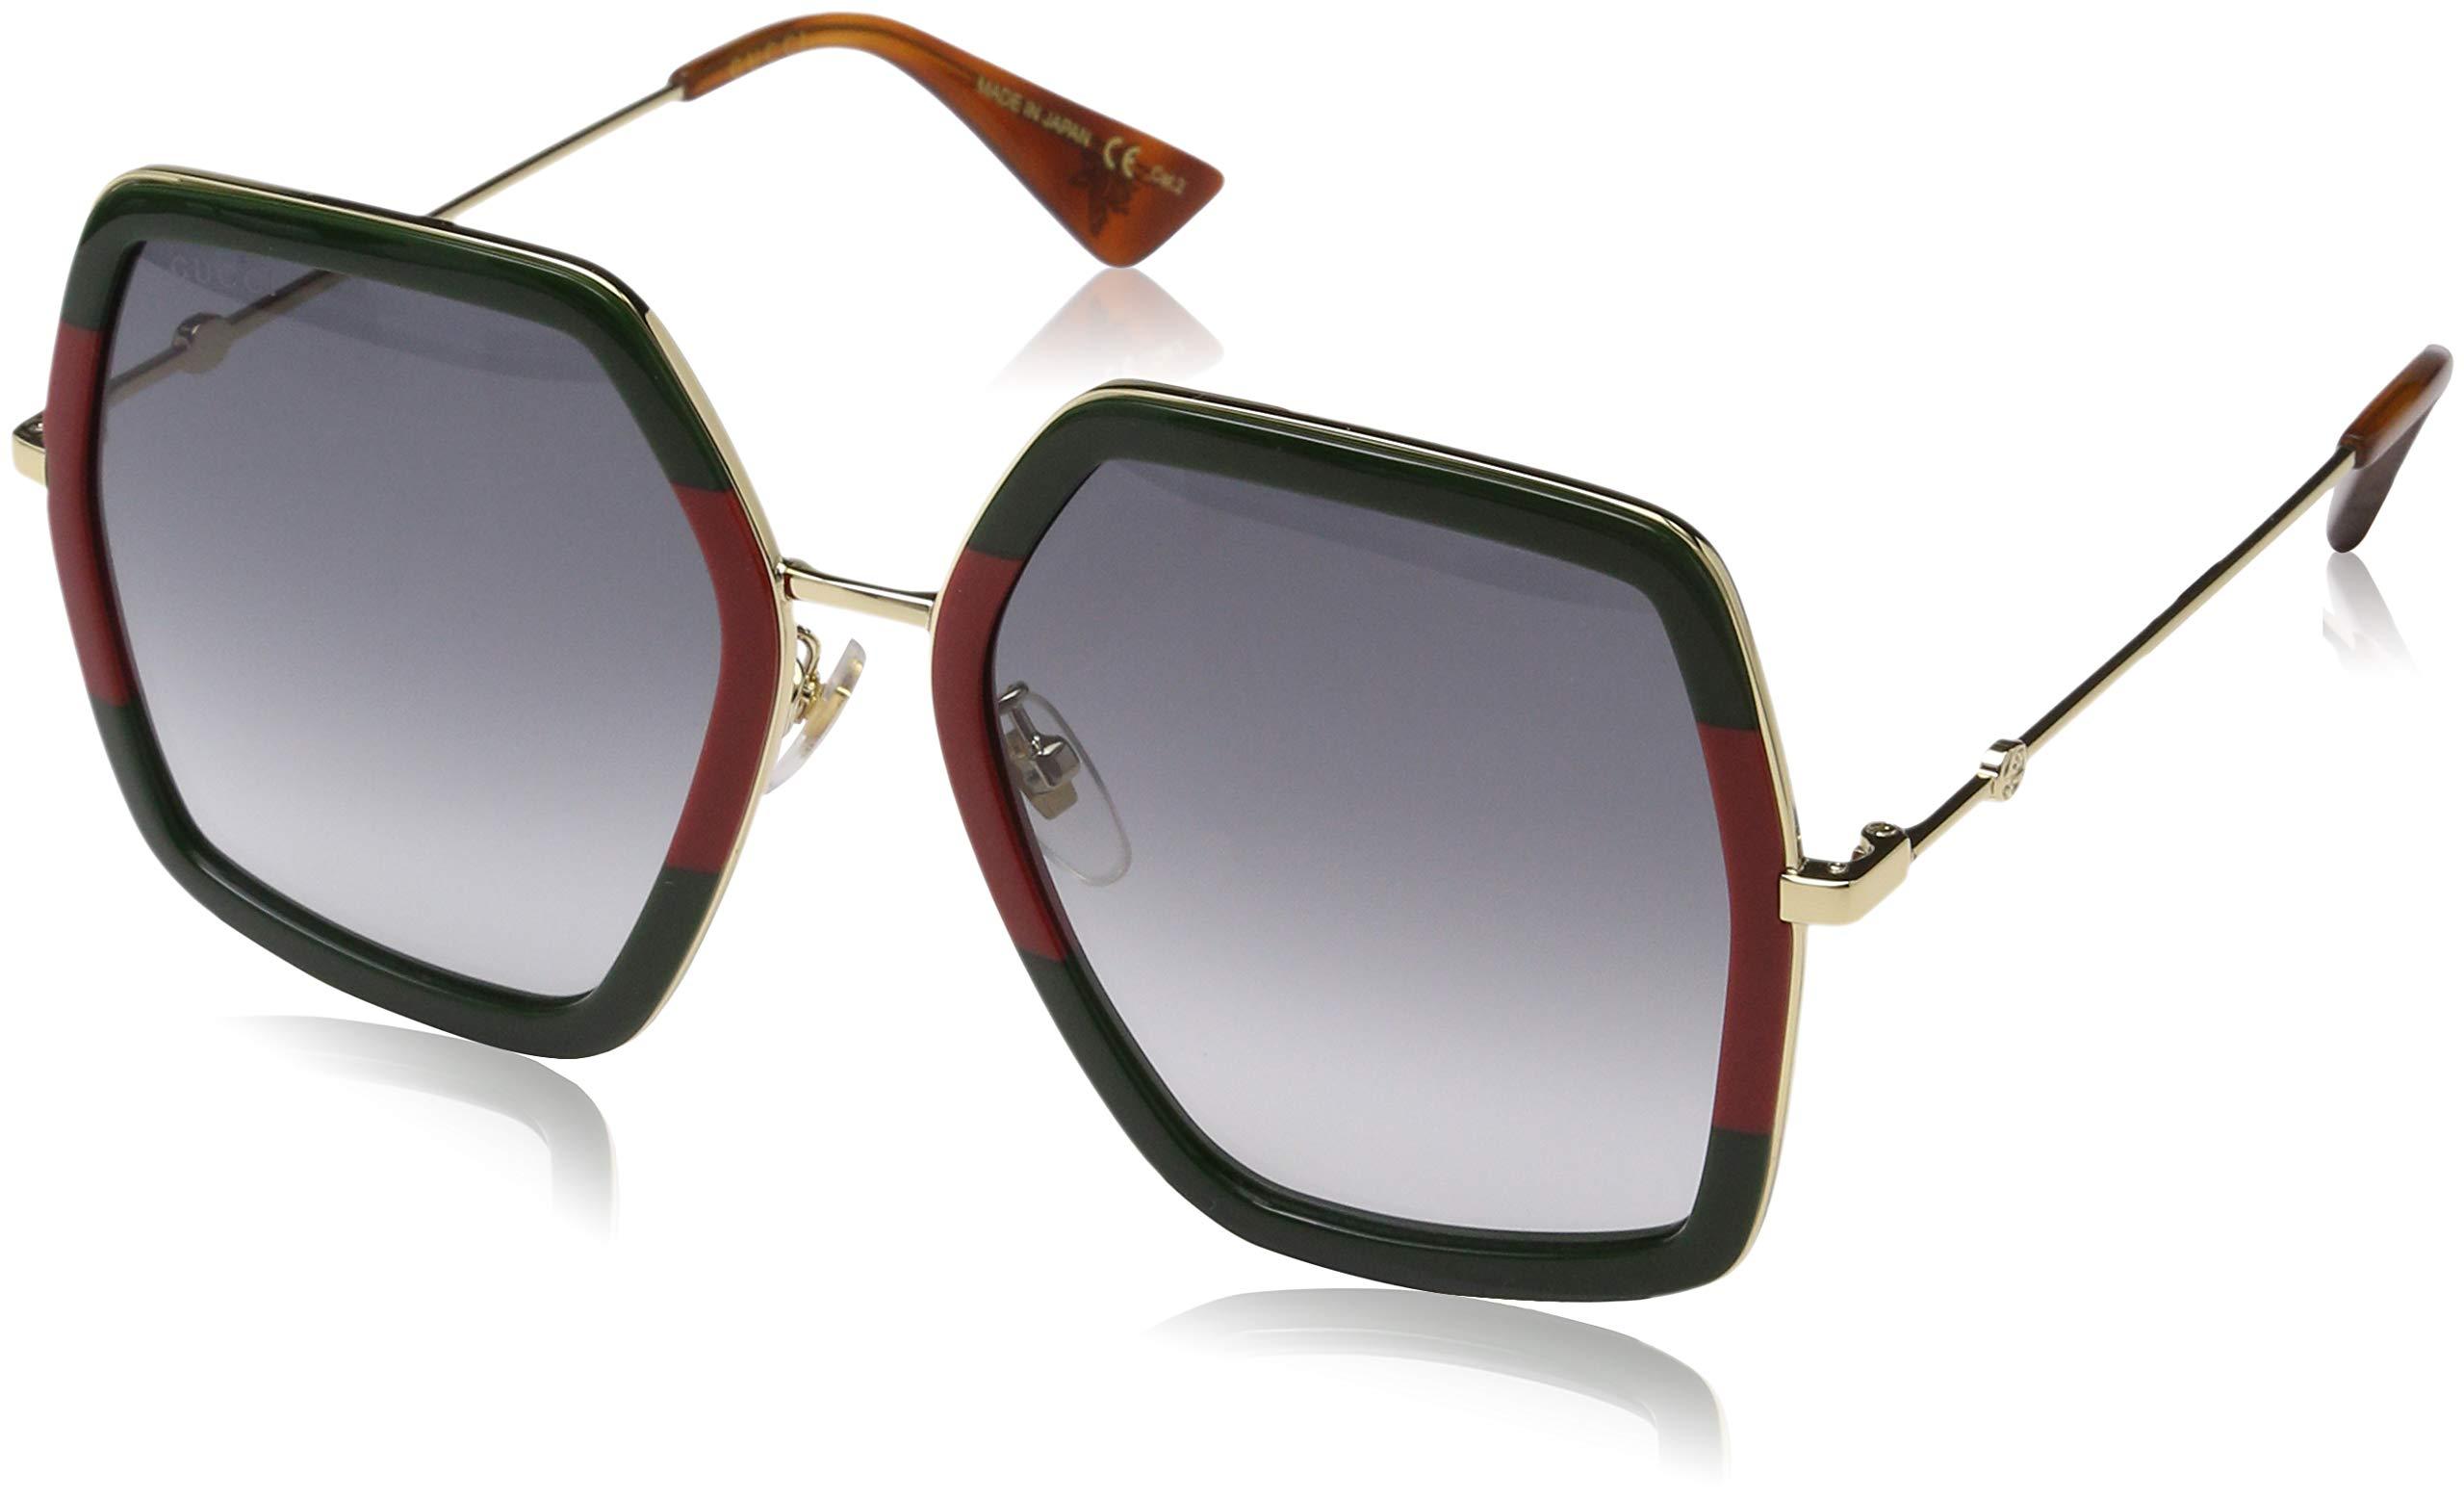 Gucci GG 0106 S- GG0106S Sunglasses 56mm by Gucci